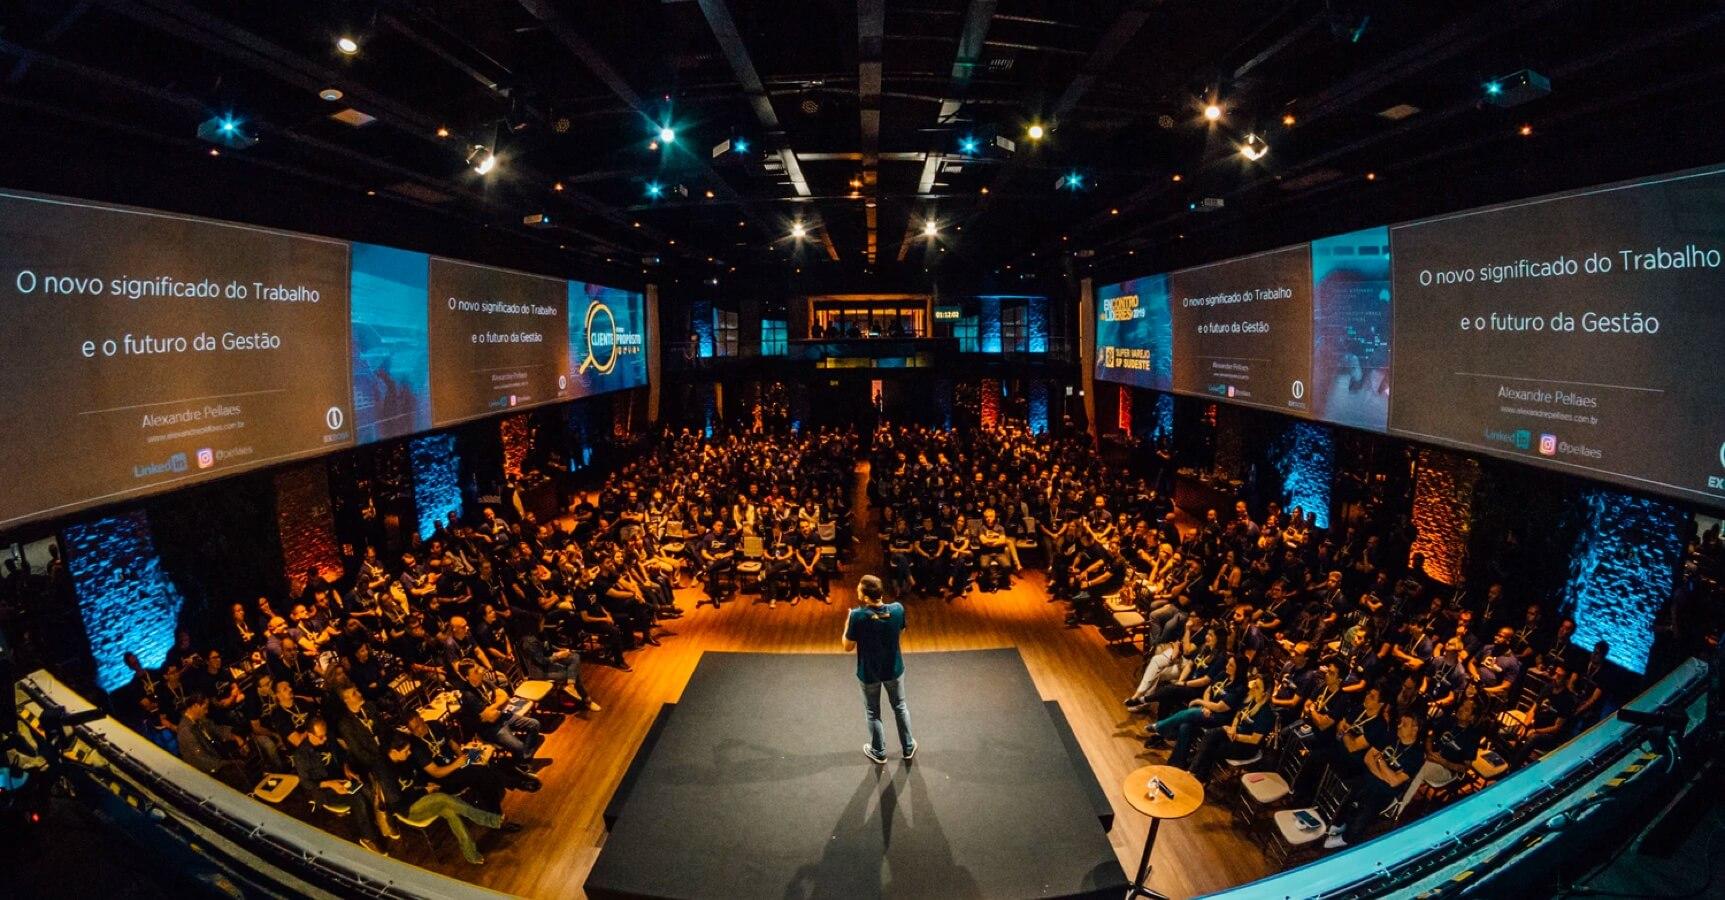 Konferenz mit vielen Menschen.